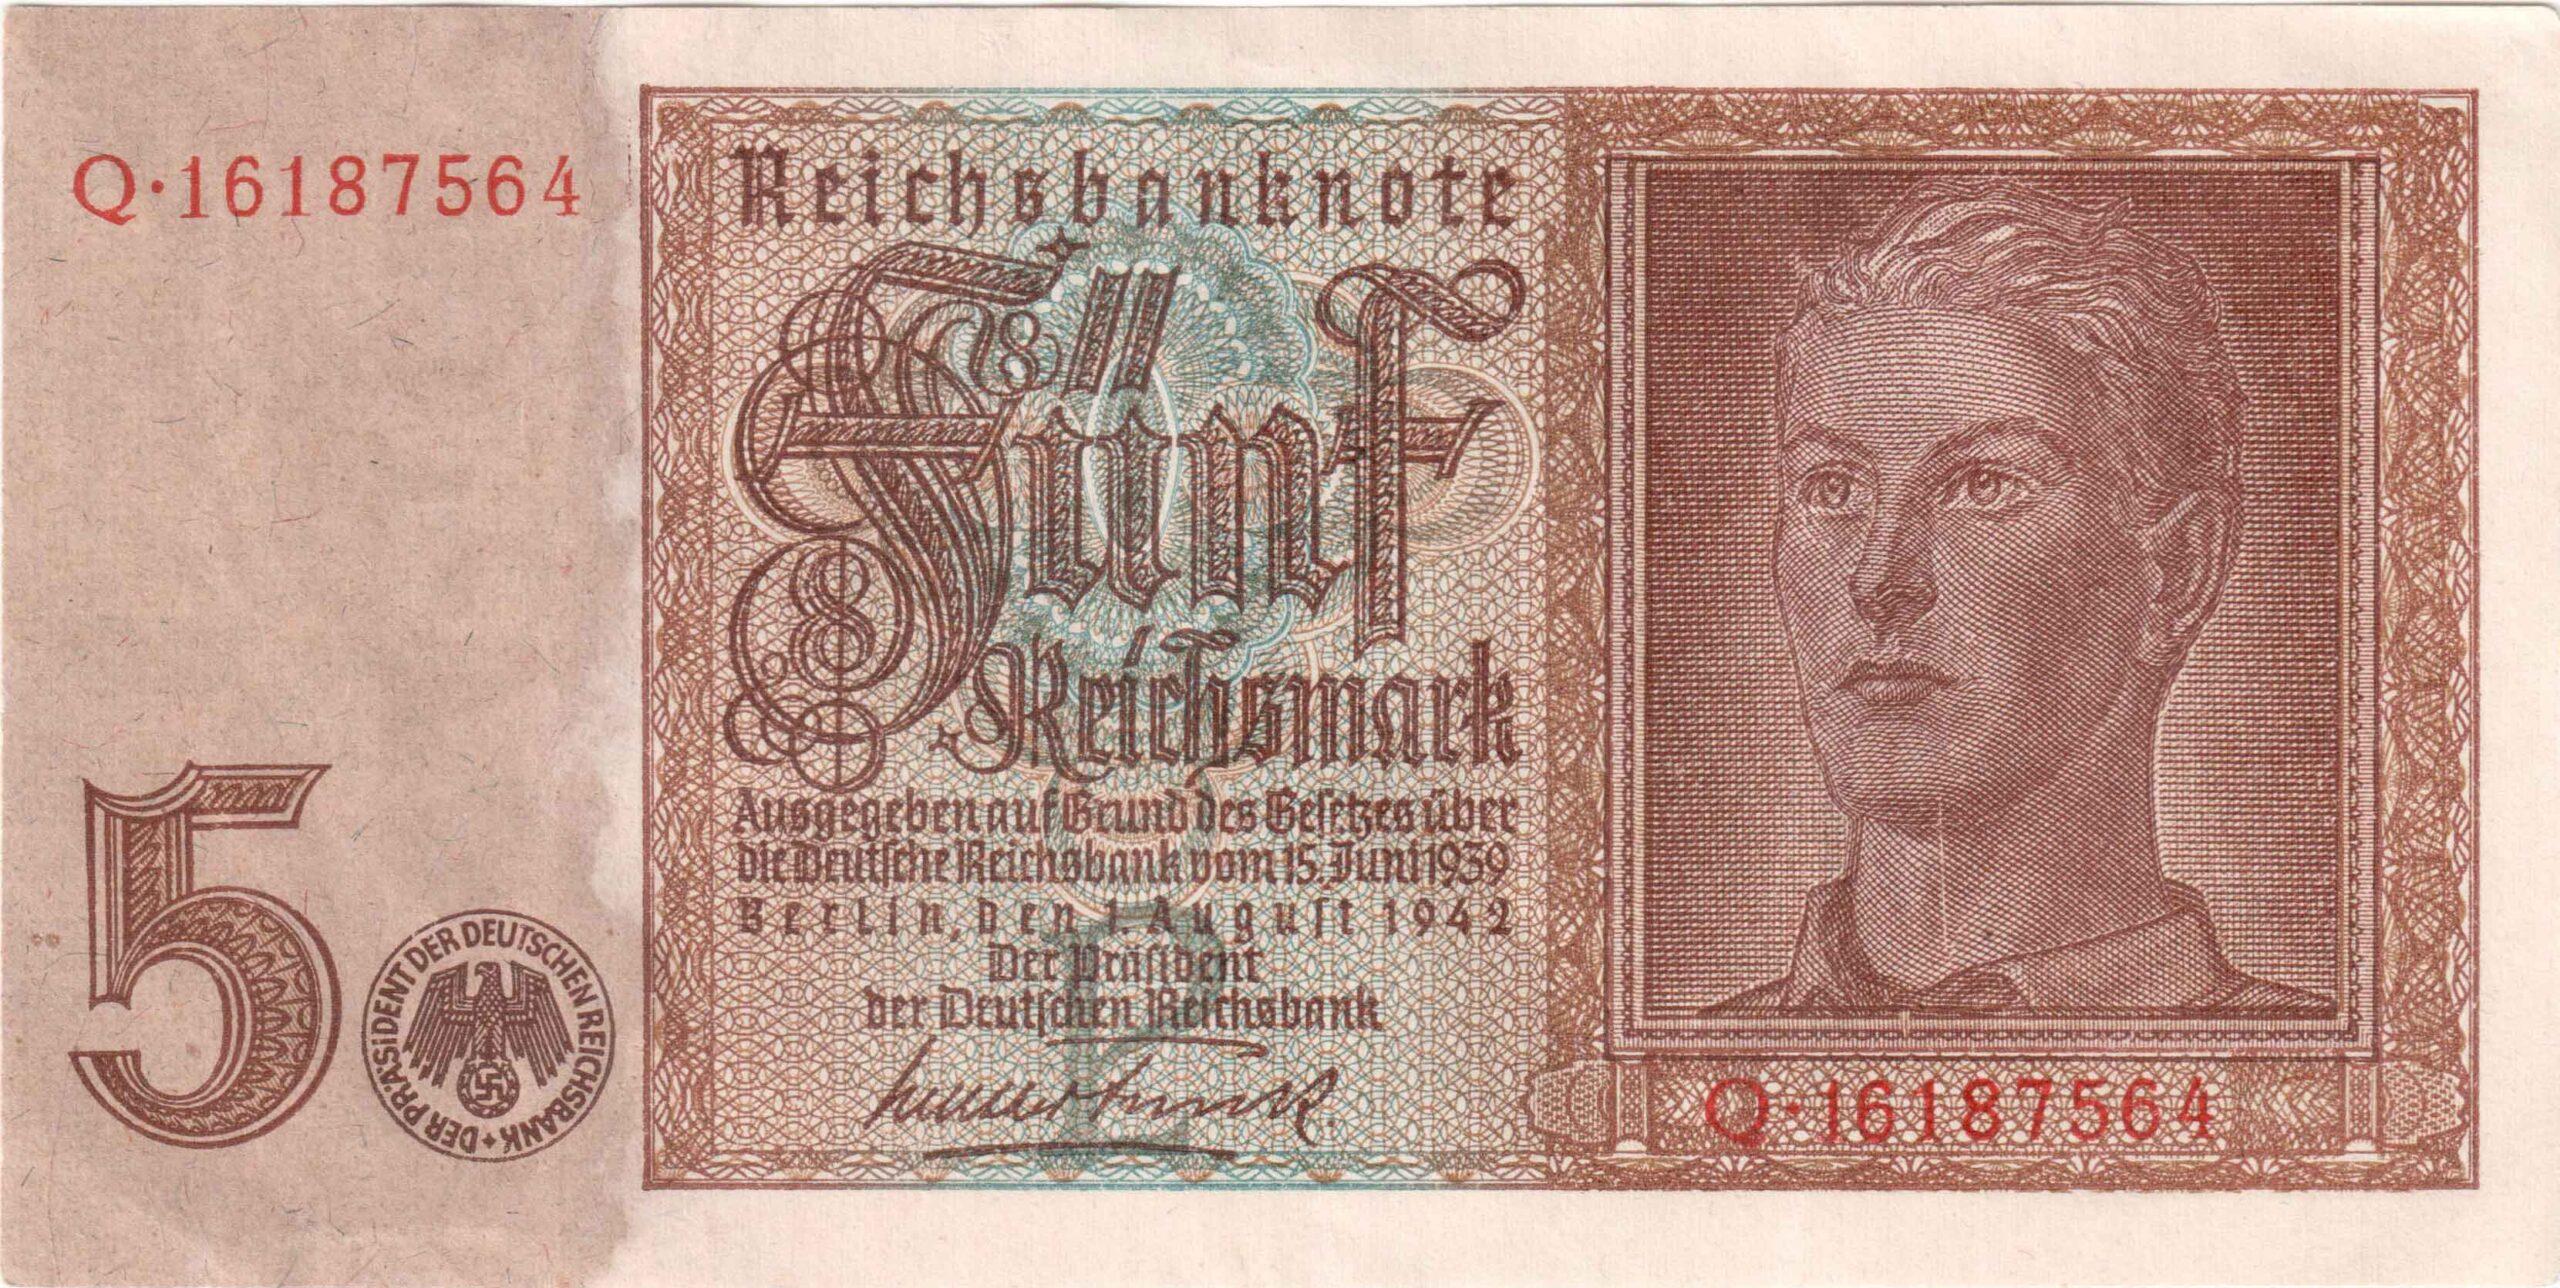 Fünfmarkschein der Reichsbank von 1942, Ro. 179, Vorderseite